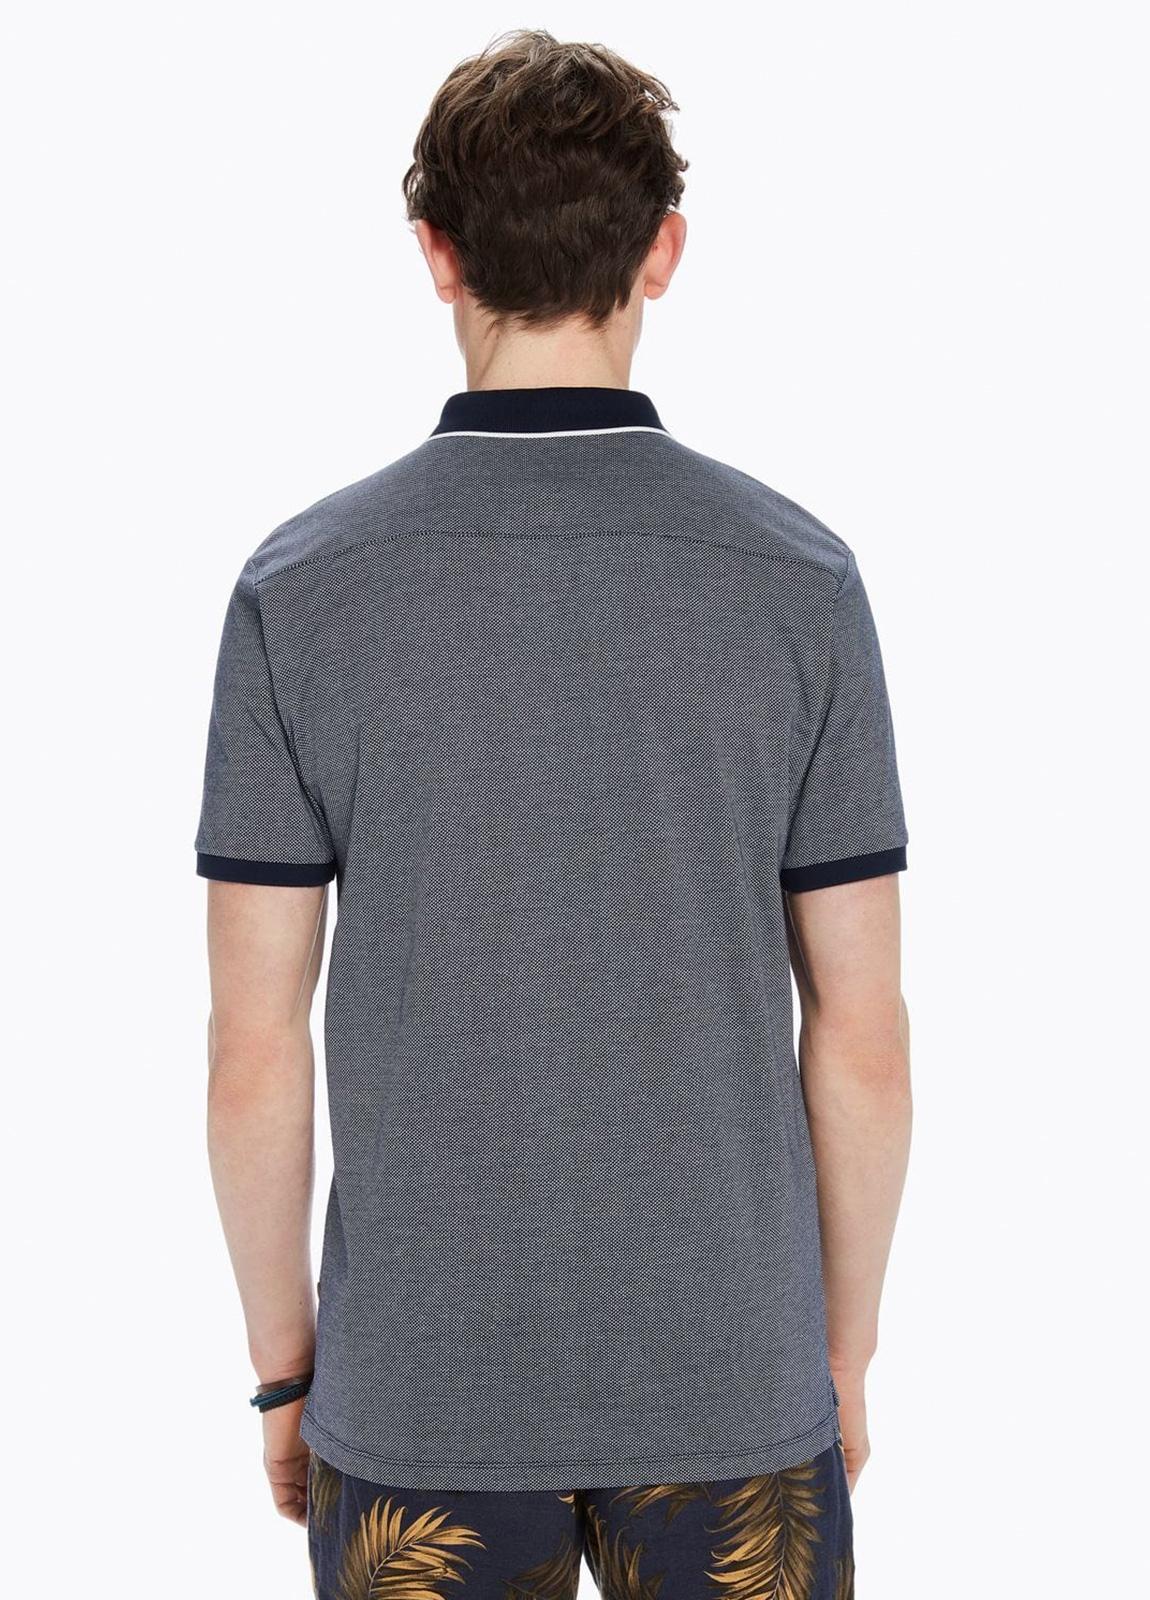 Polo pique color azul marino con contraste en cuello y logo bordado. 100% Algodón. - Ítem2